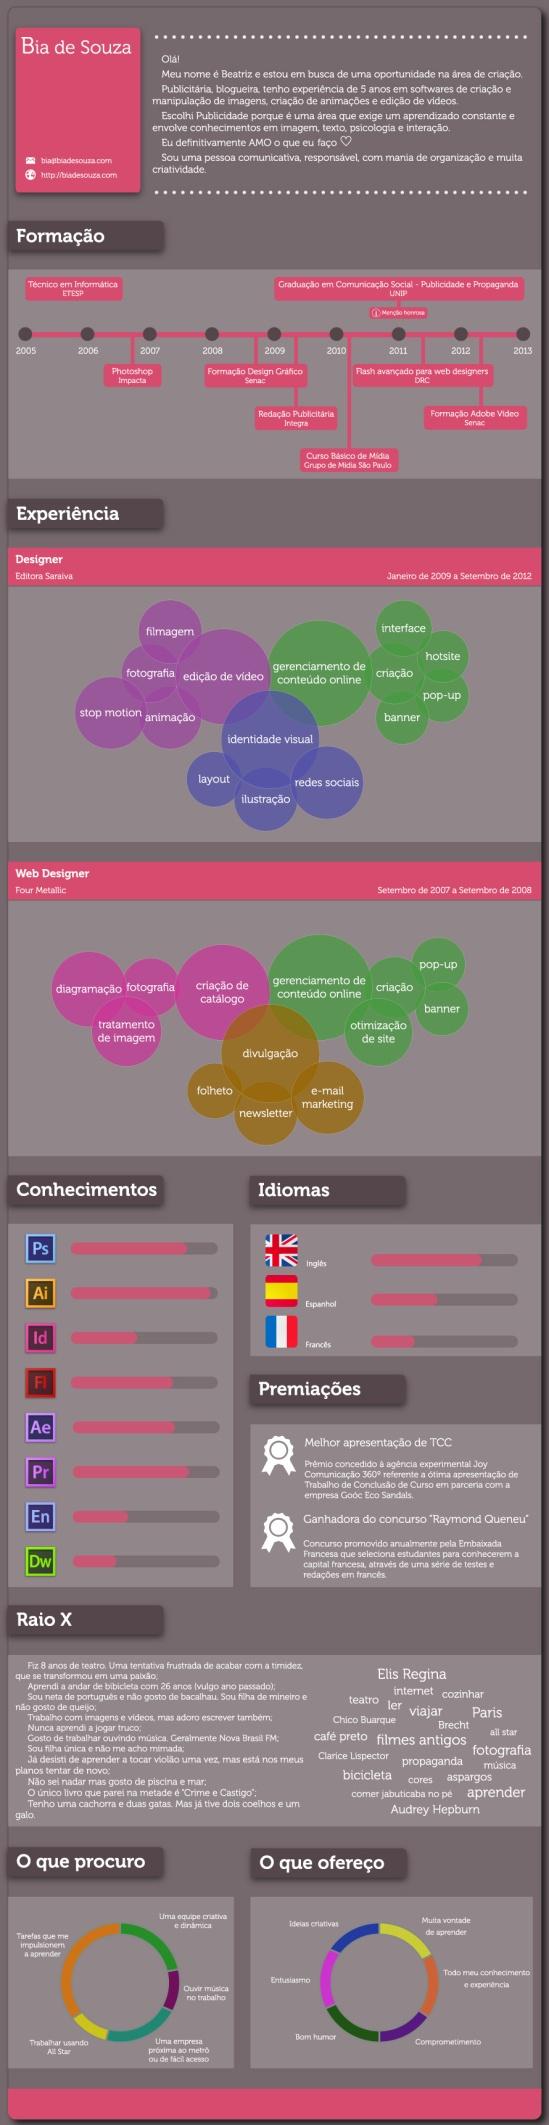 Currículo em Infográfico - Bia de Souza #curriculum #resume #curriculo #infografico #infographic #design #criacao #arte #InfographicResume